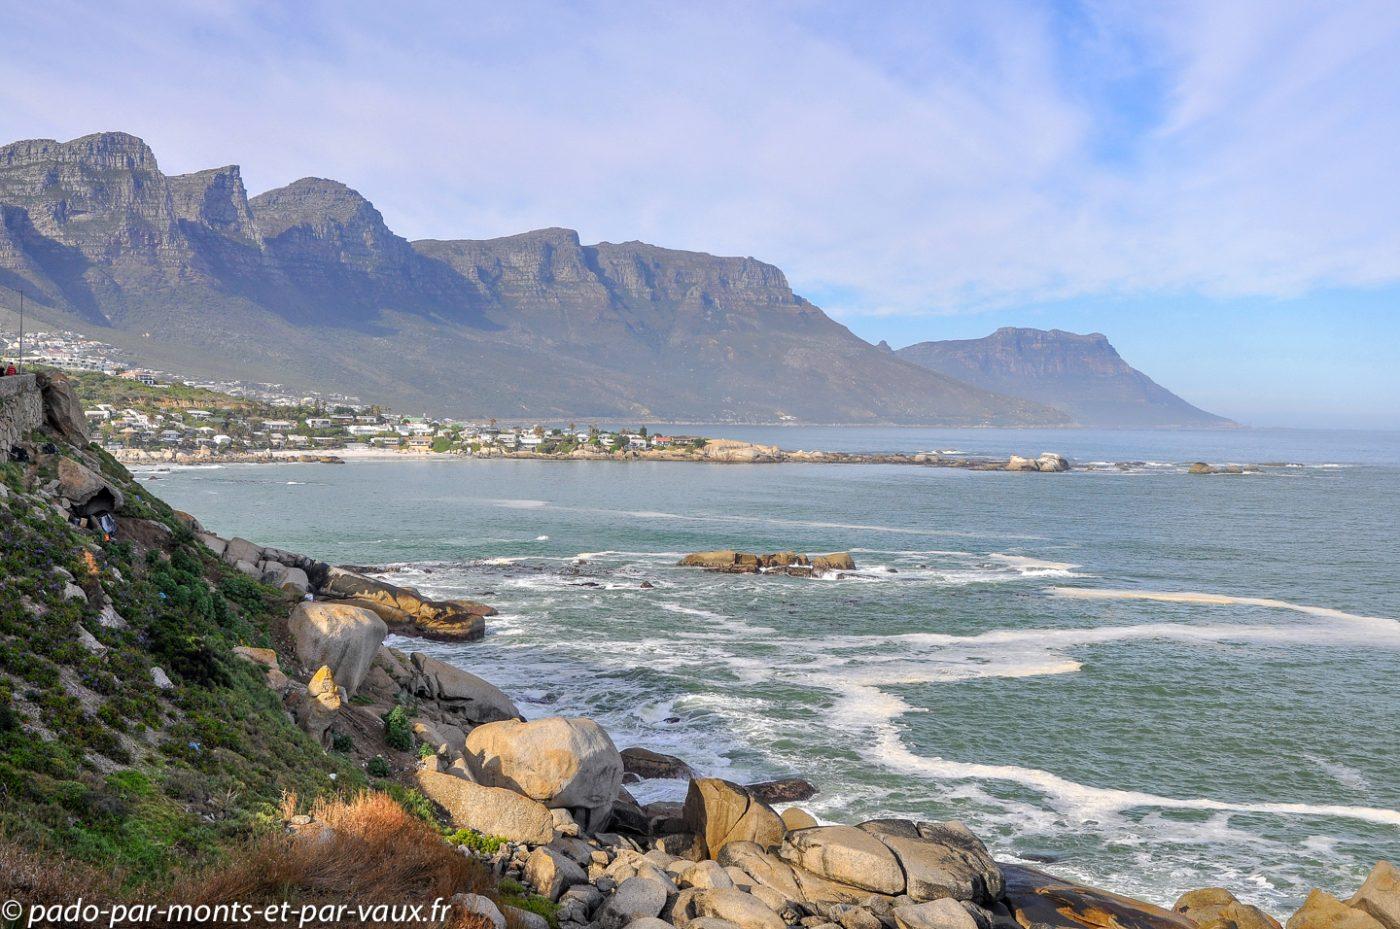 Cape Town - bord de mer